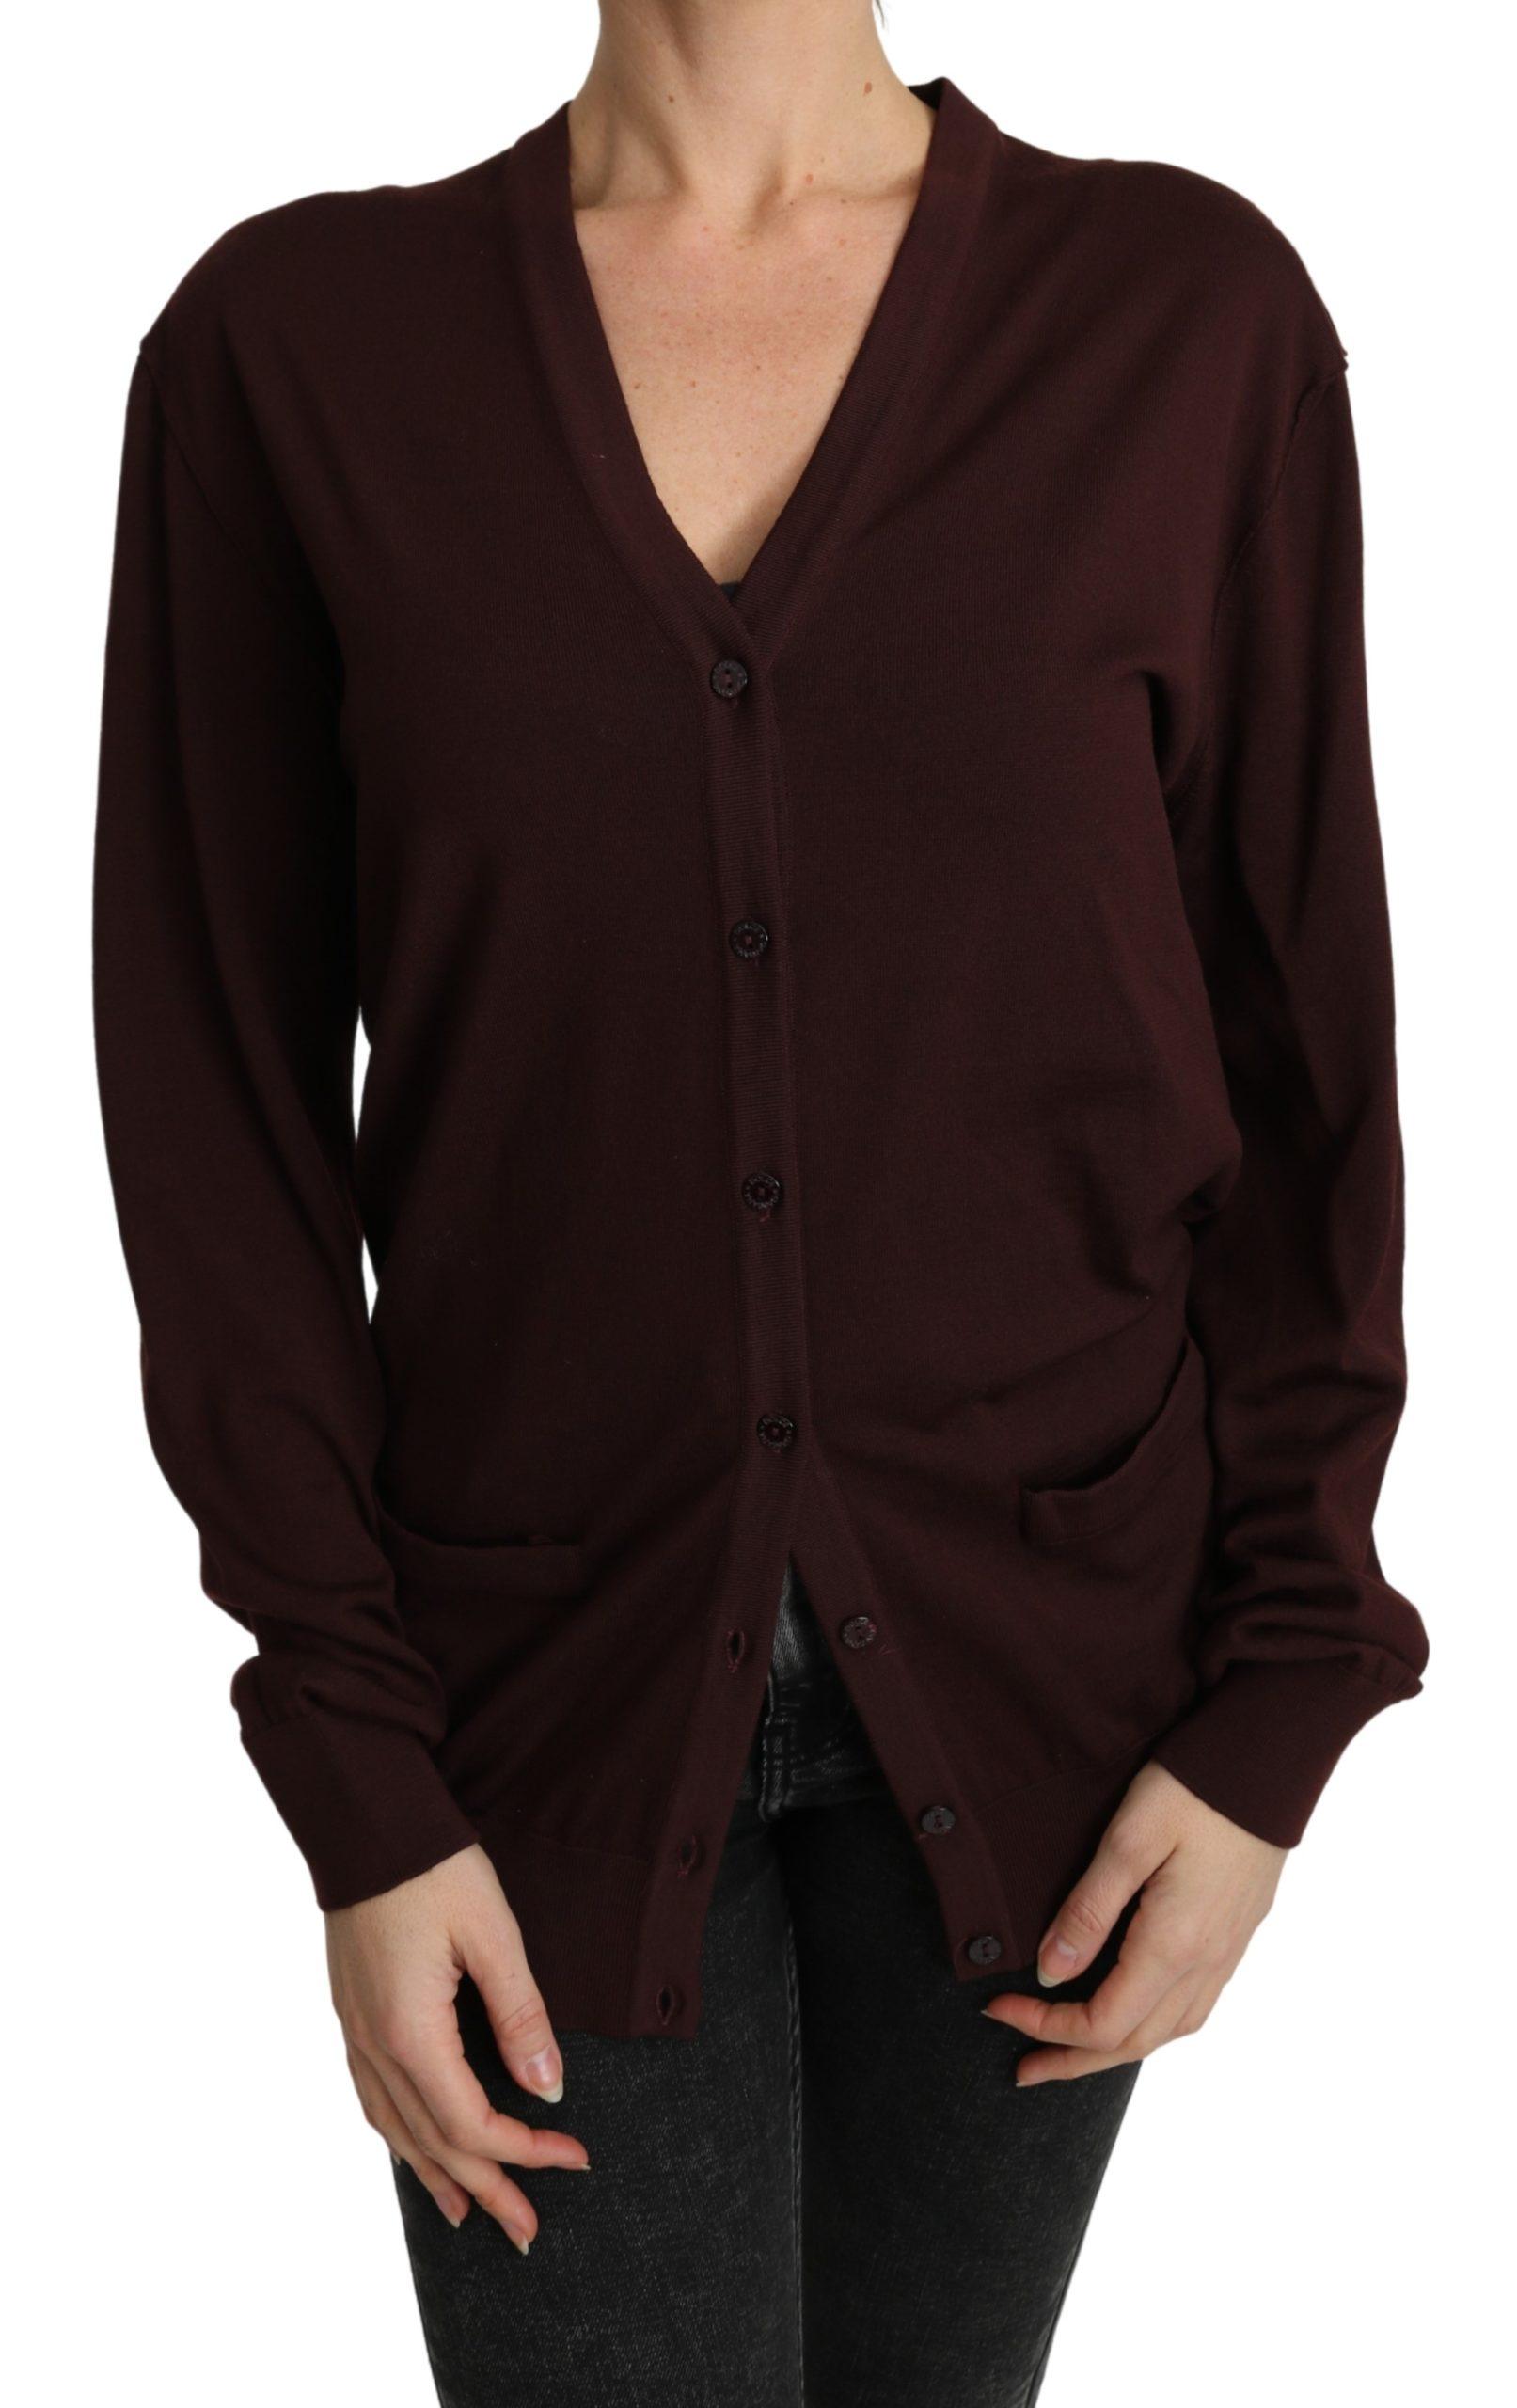 Dolce & Gabbana Women's Virgin Wool Cardigan Bordeaux TSH4844 - IT44|L